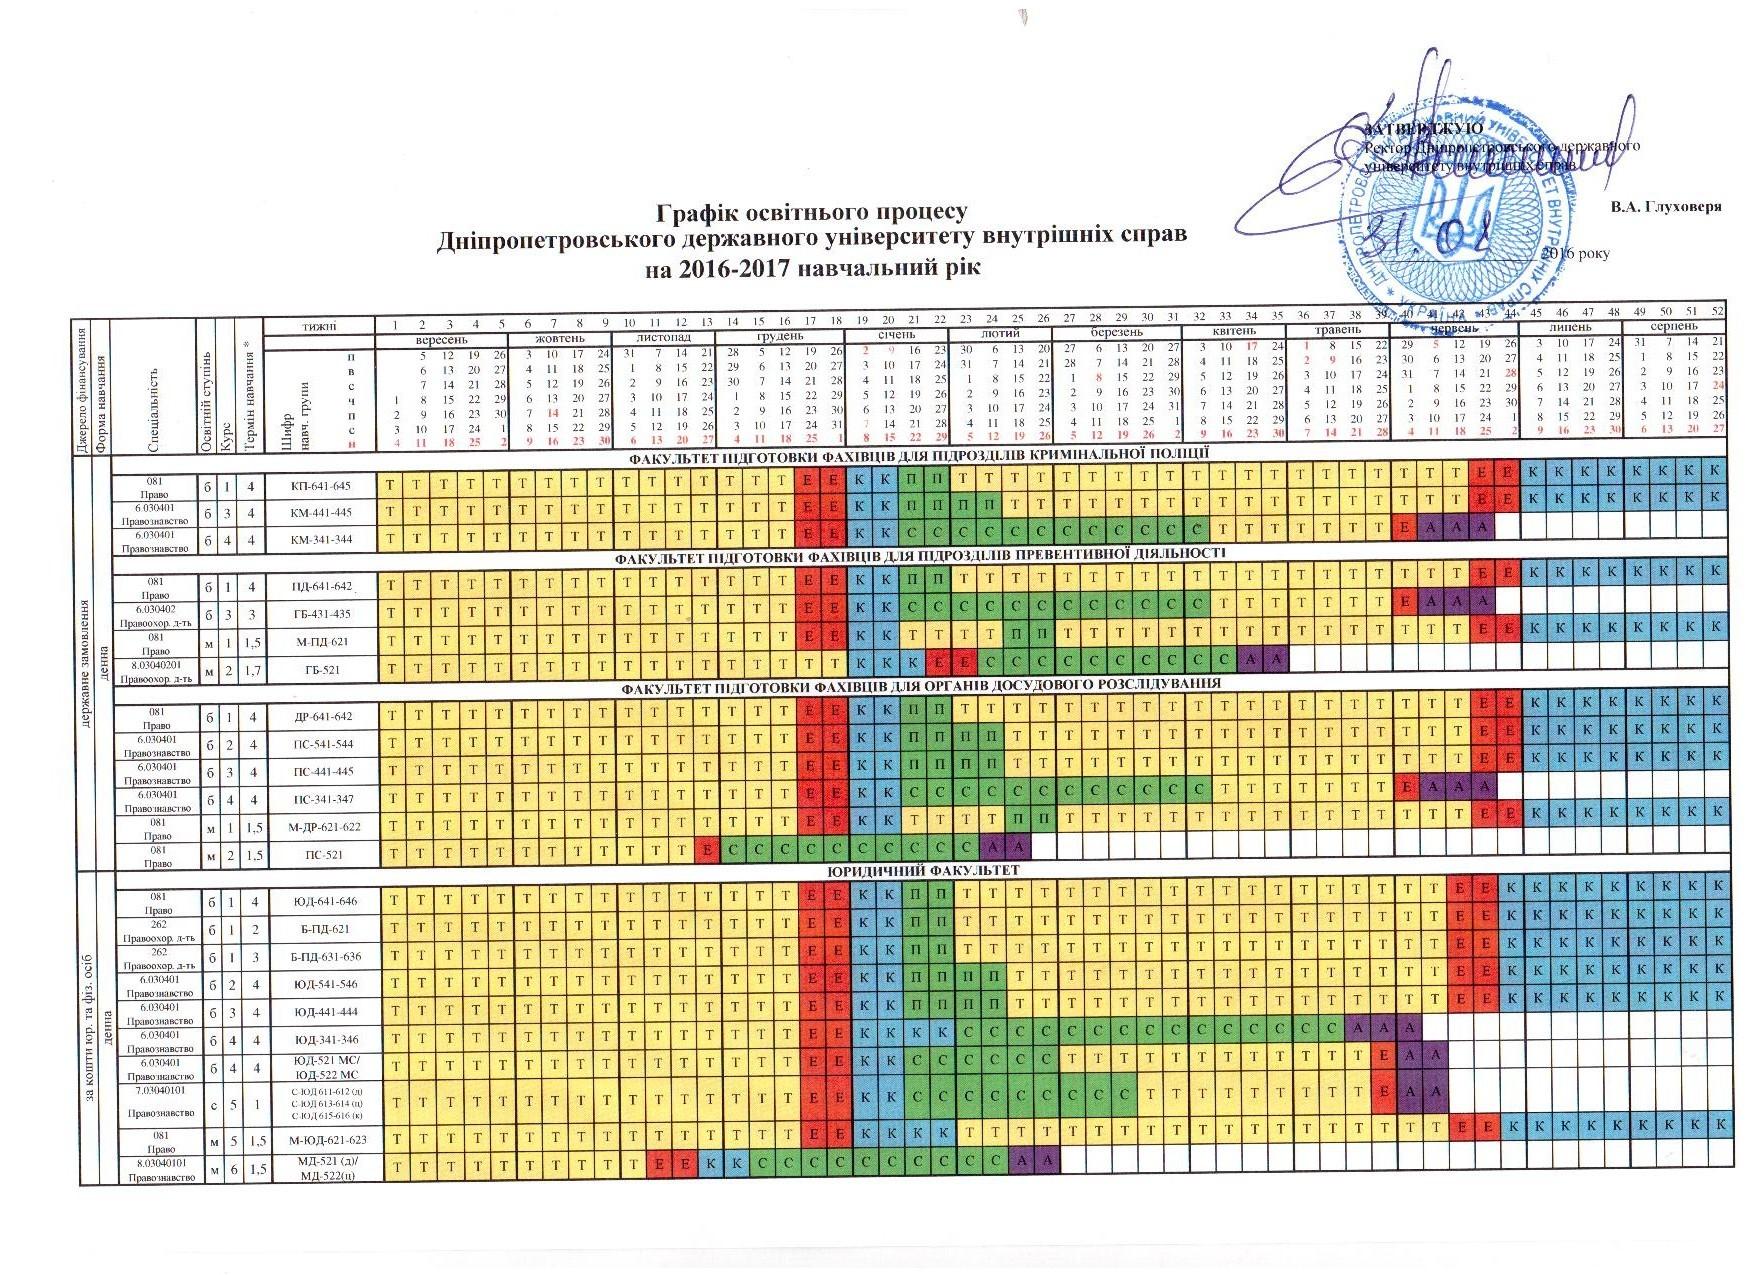 Графік освітнього процесу ДДУВС